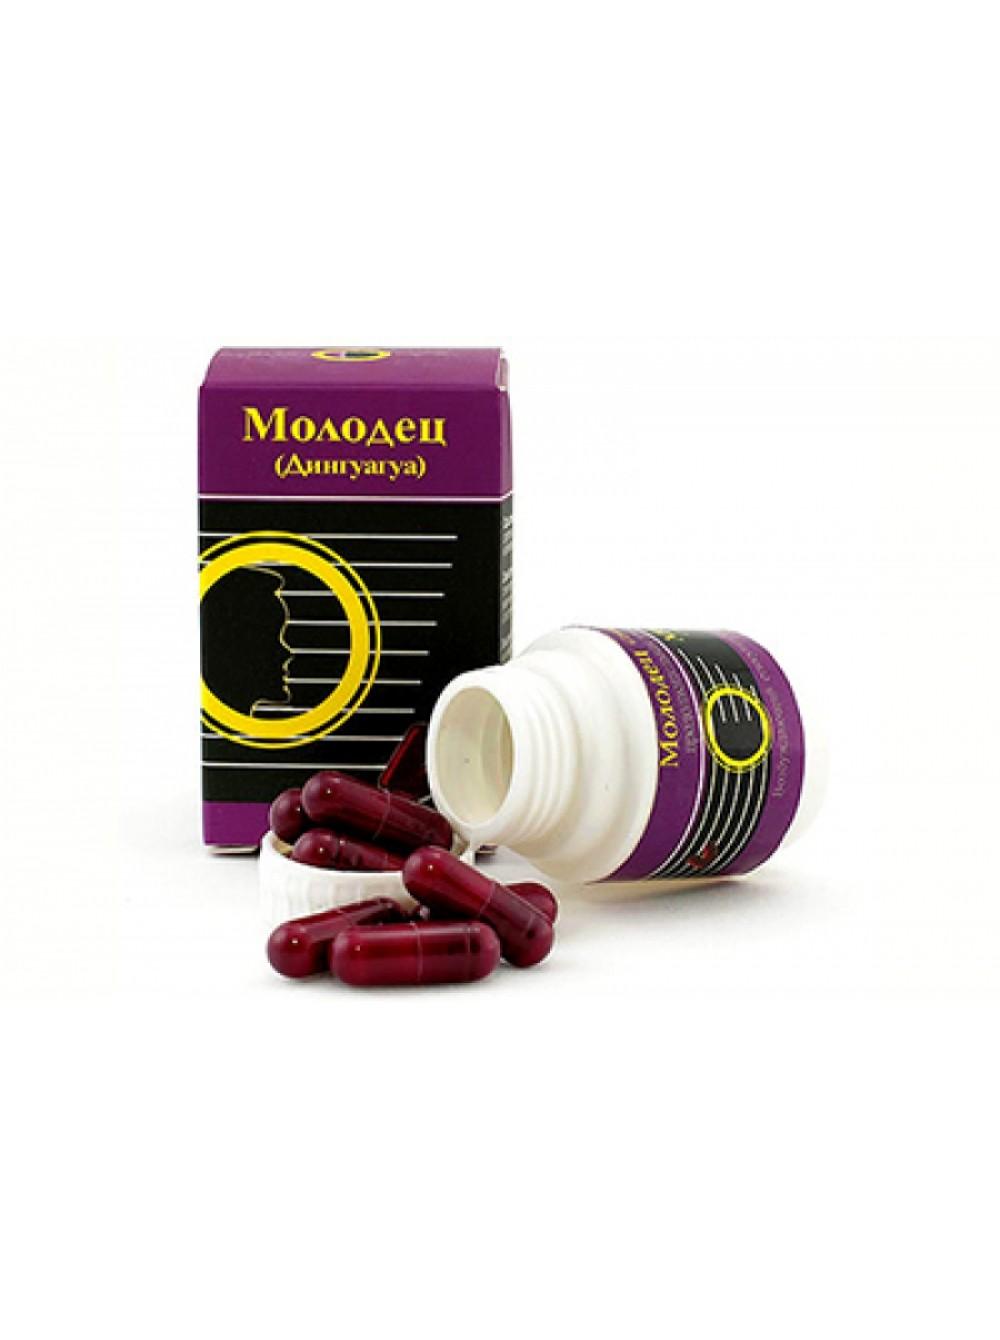 Виагра для мужчин  Дингуагуа (Молодец )  - препарат для увеличения члена и повышения потенции, 1 капс.